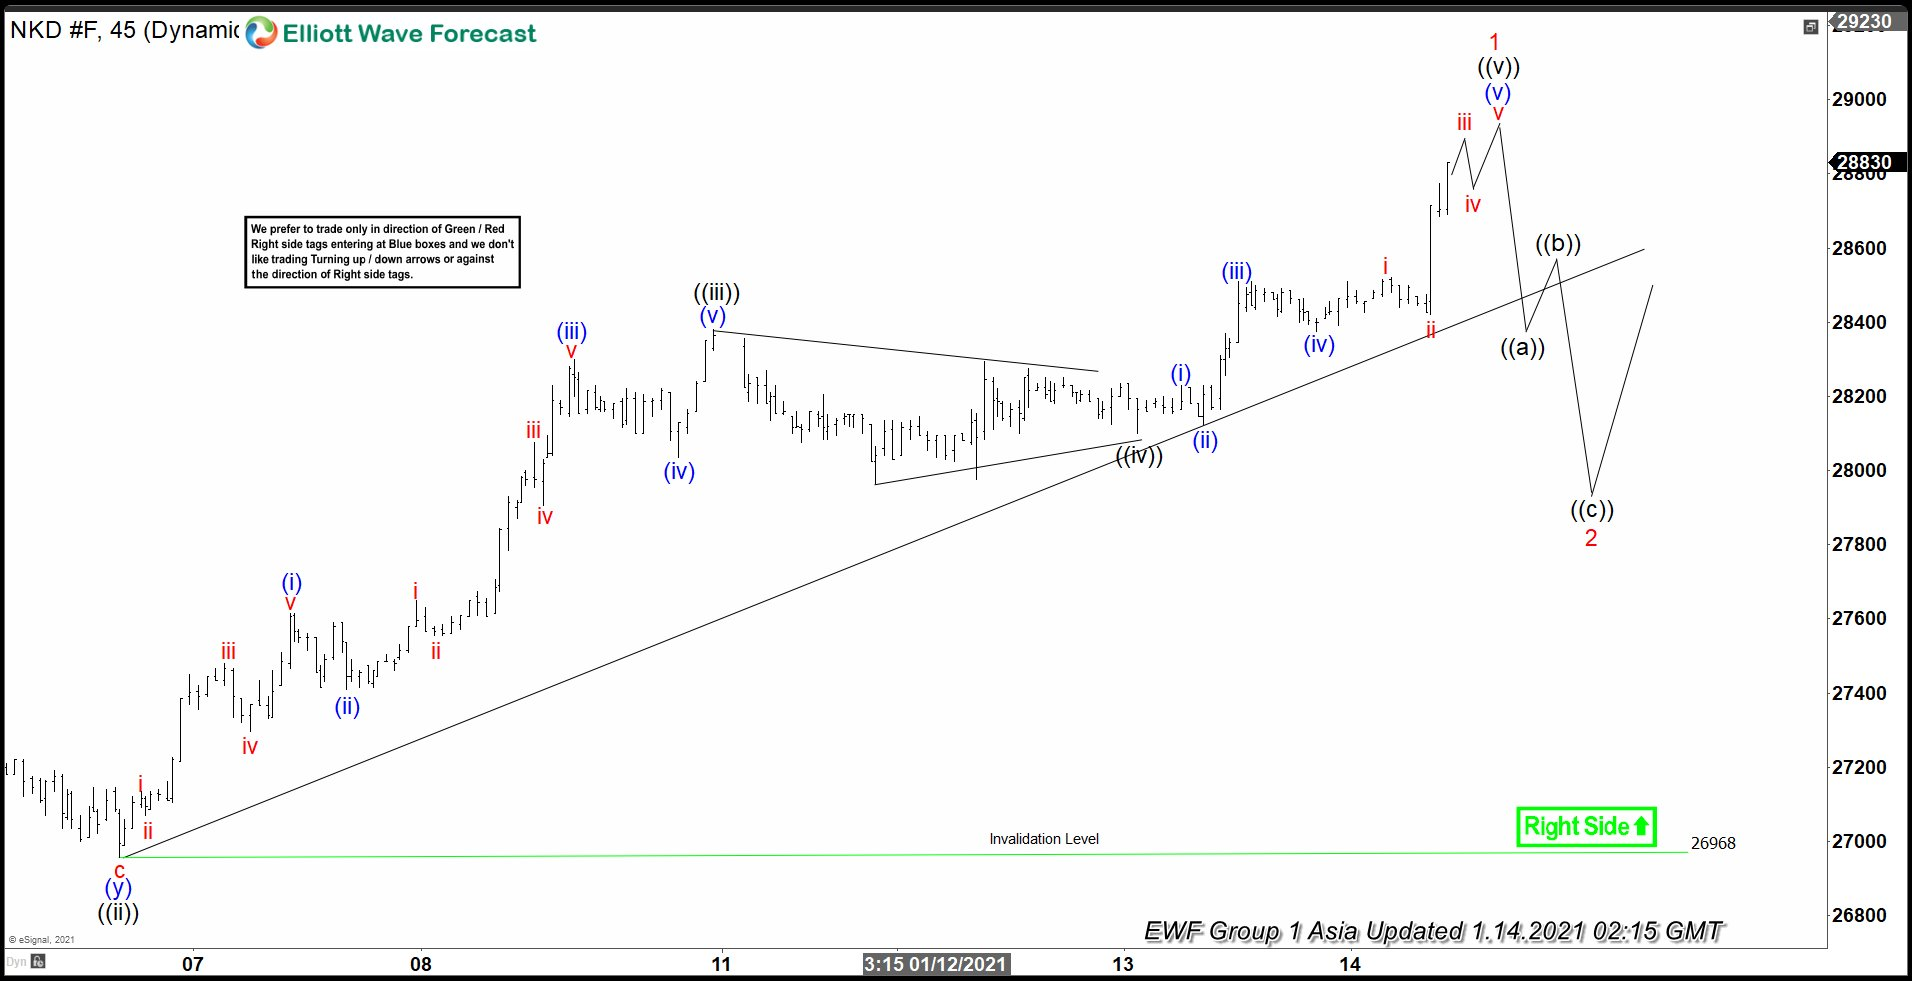 Elliott Wave View: Nikkei May Pullback Short Term While Remains Bullish